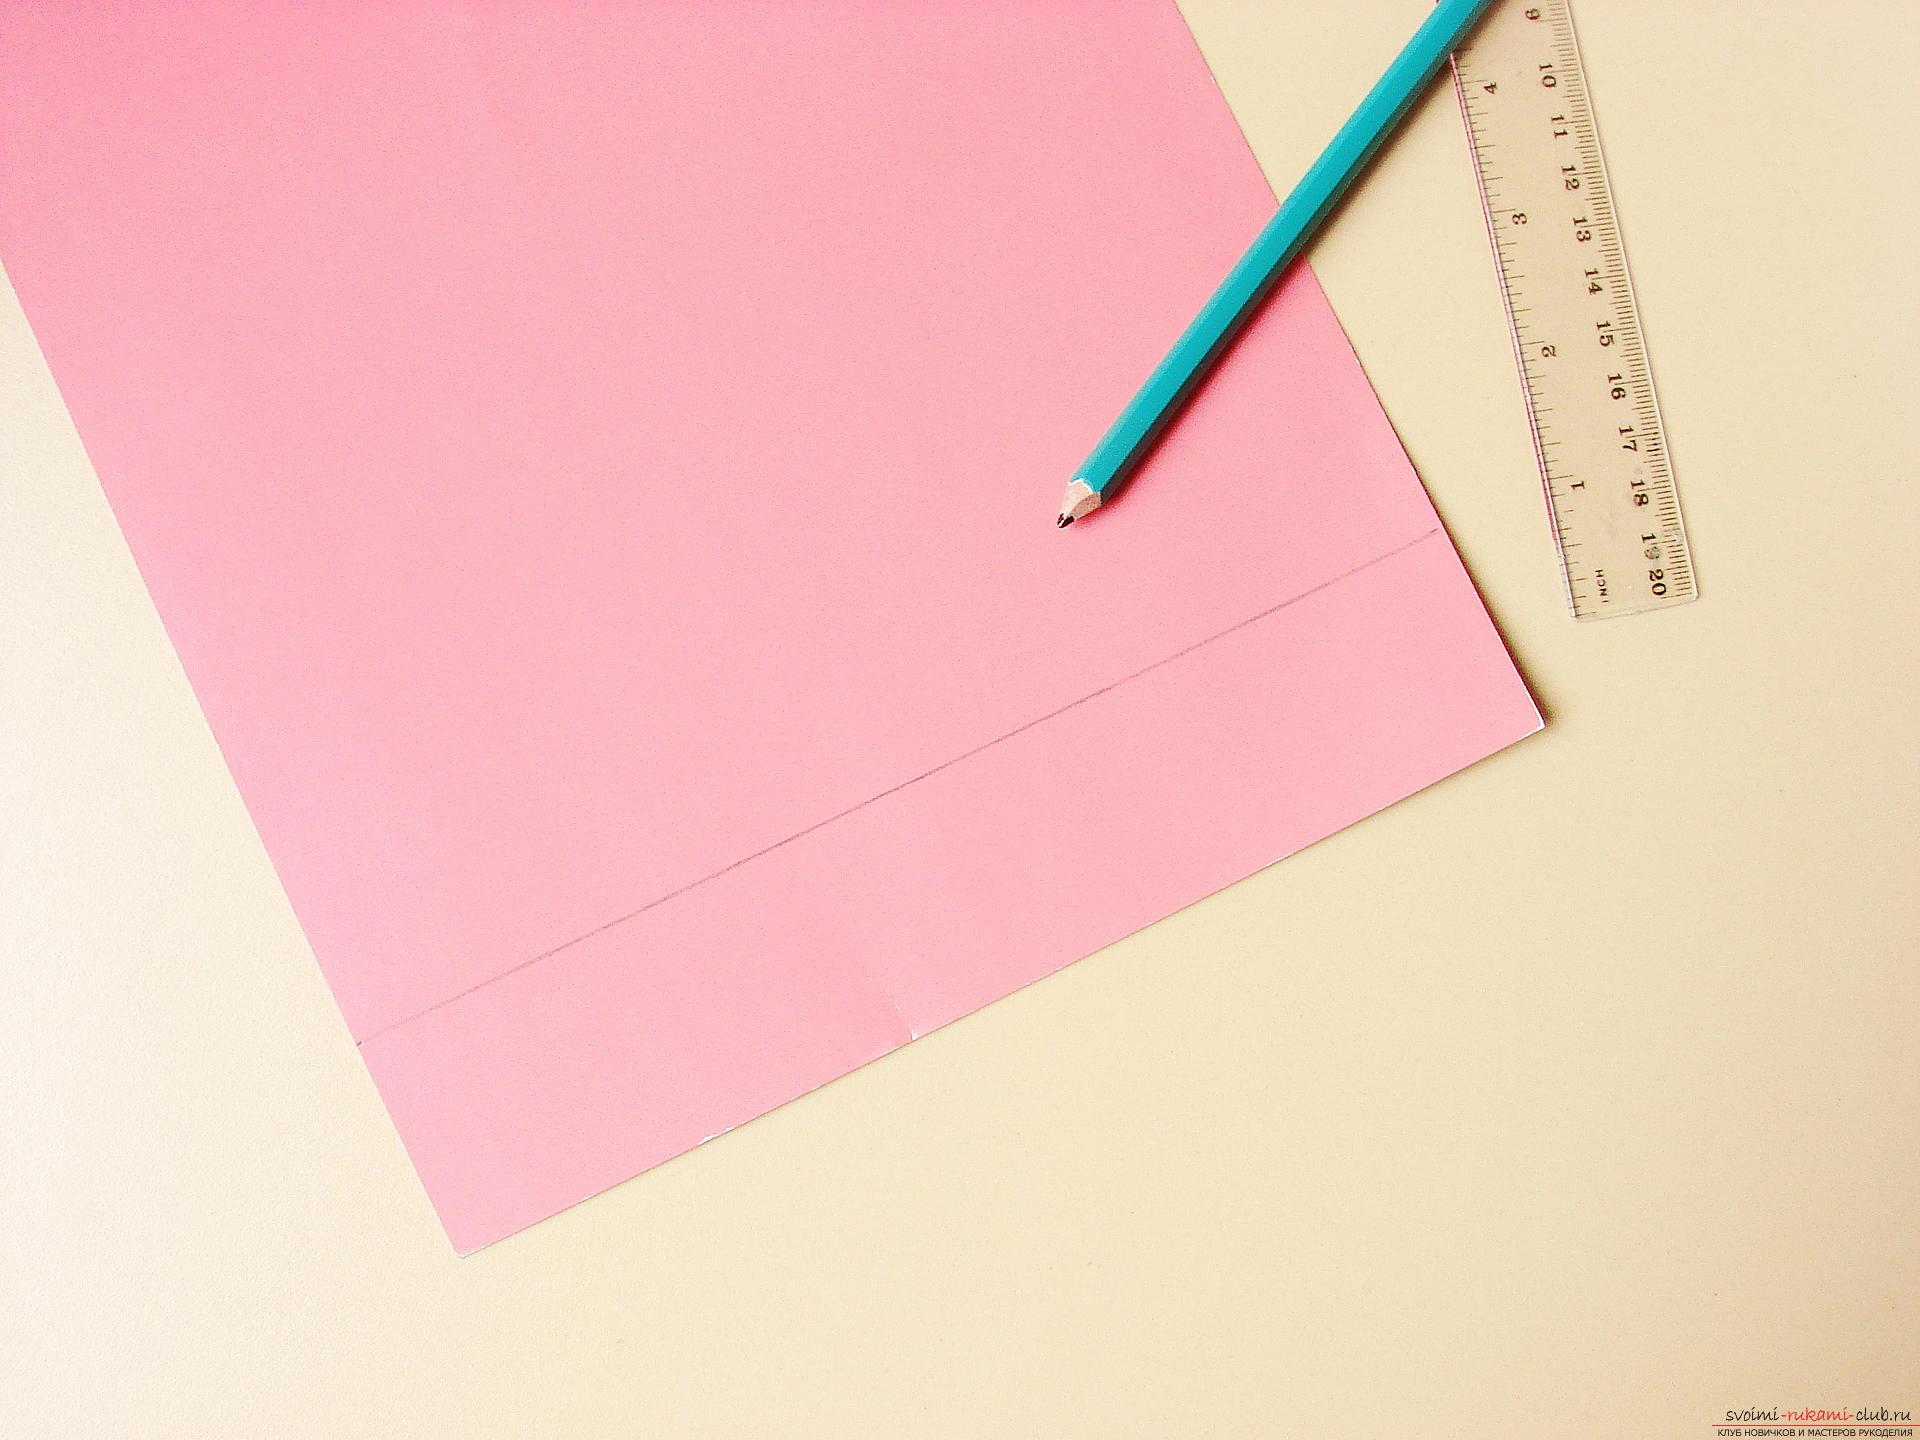 Подставка для ручек своими руками из разных материалов: подробные мастер-классы